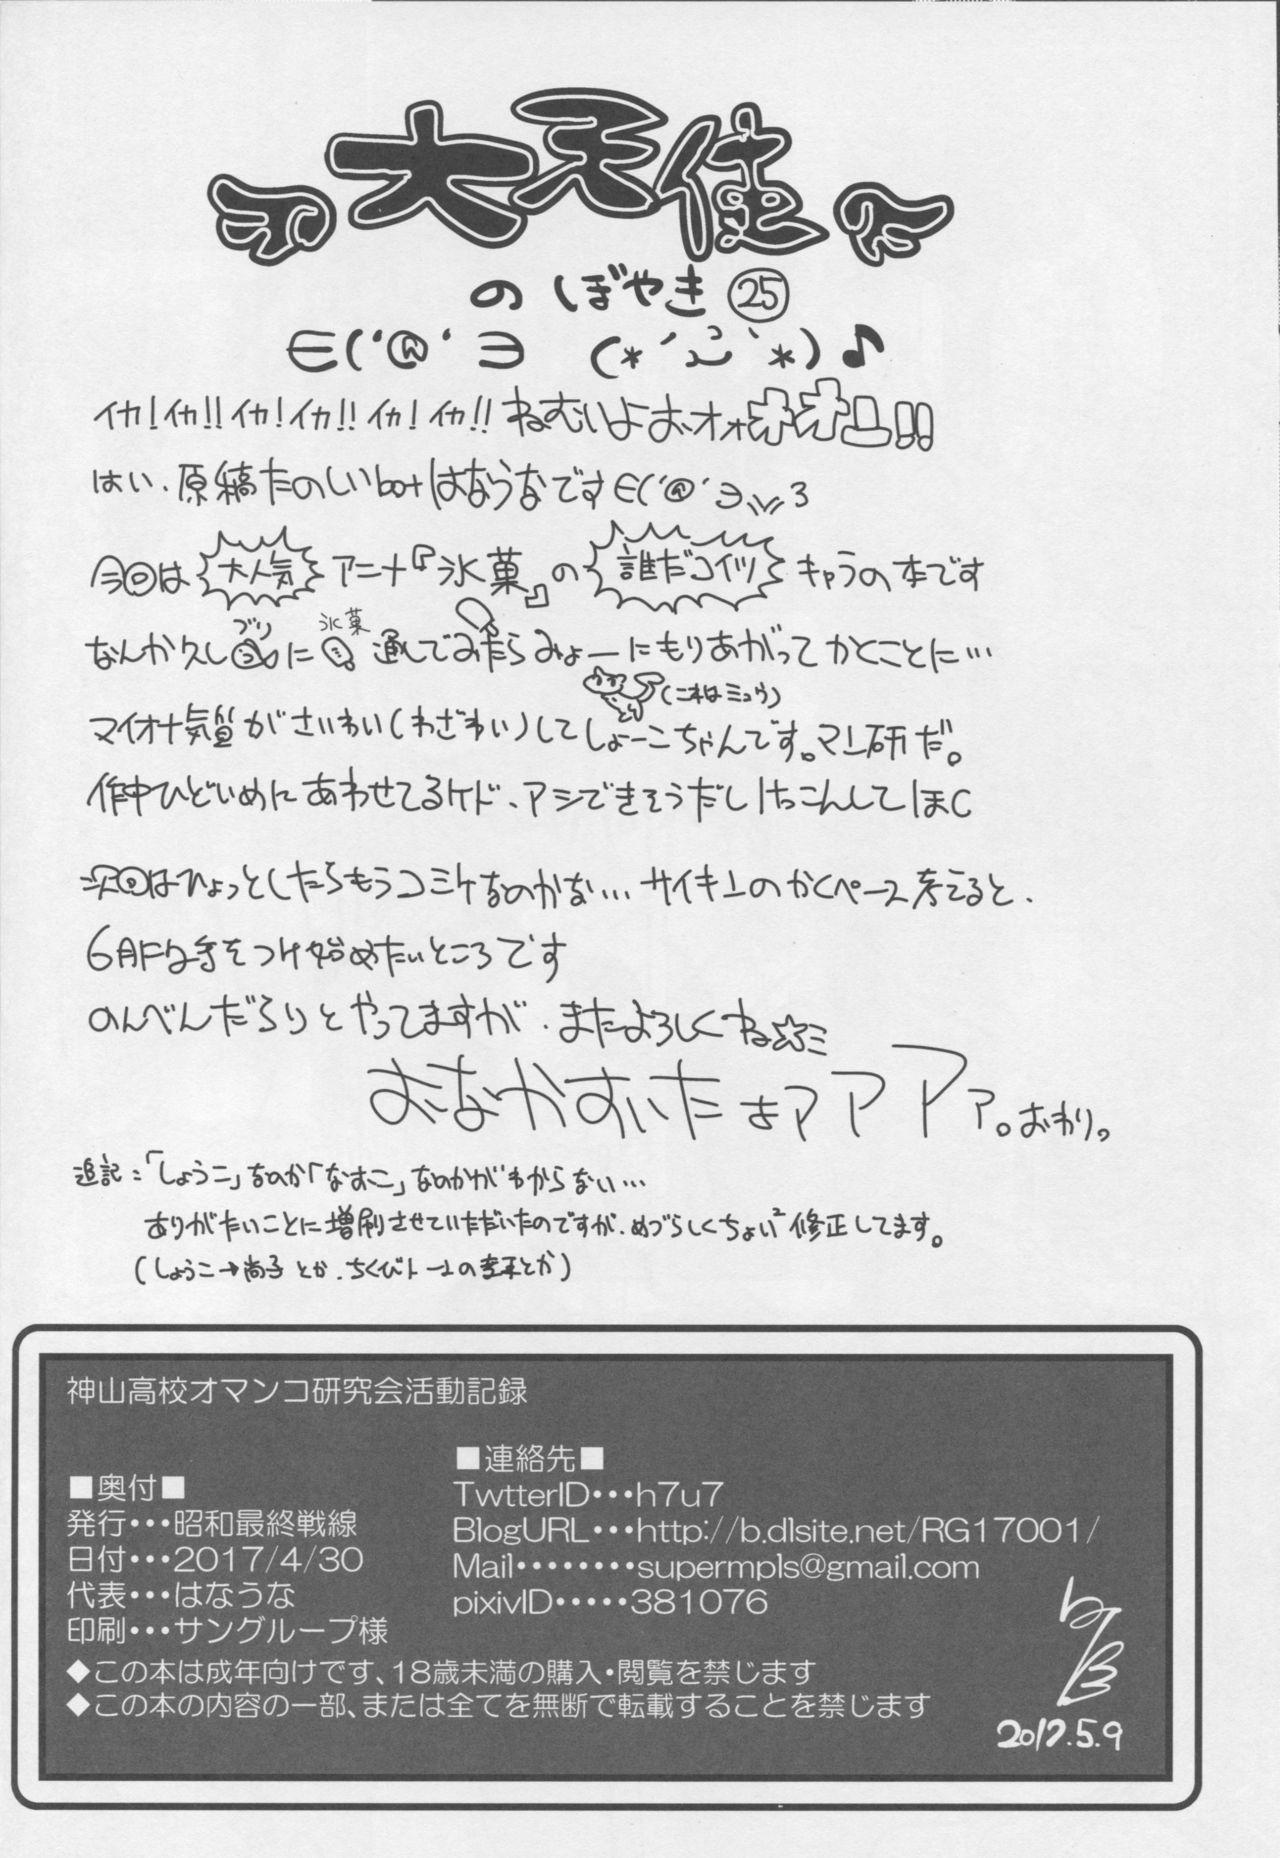 Kamiyama Koukou Omanko Kenkyuukai Katsudou Kiroku 20